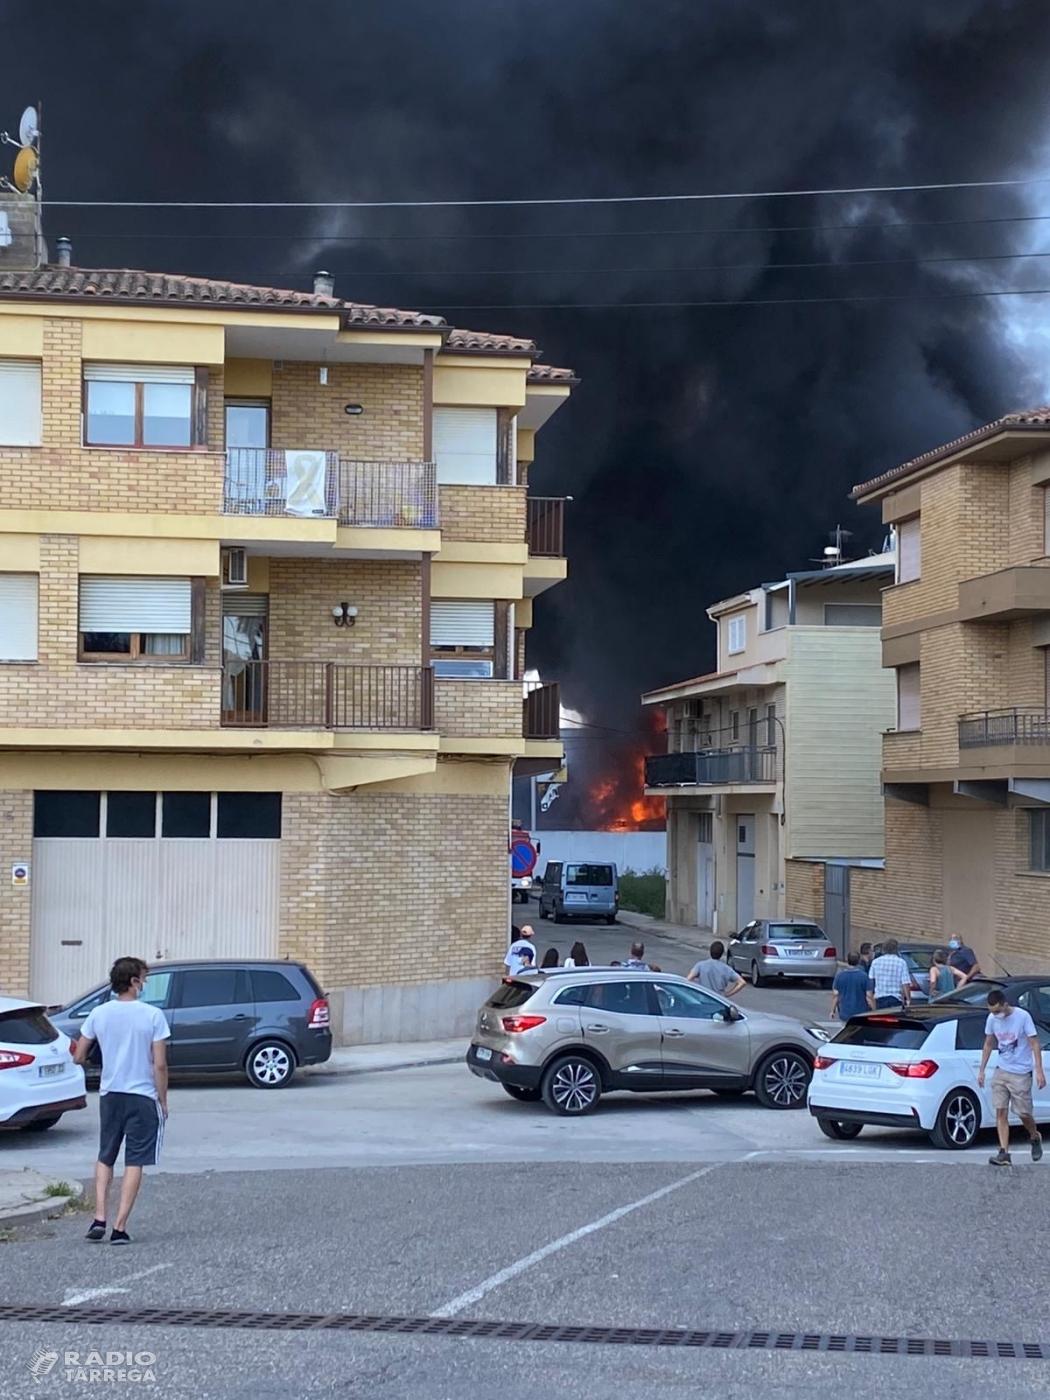 ACTUALITZACIÓ - Incendi a un solar pròxim a una nau d'un taller mecànic a Tàrrega